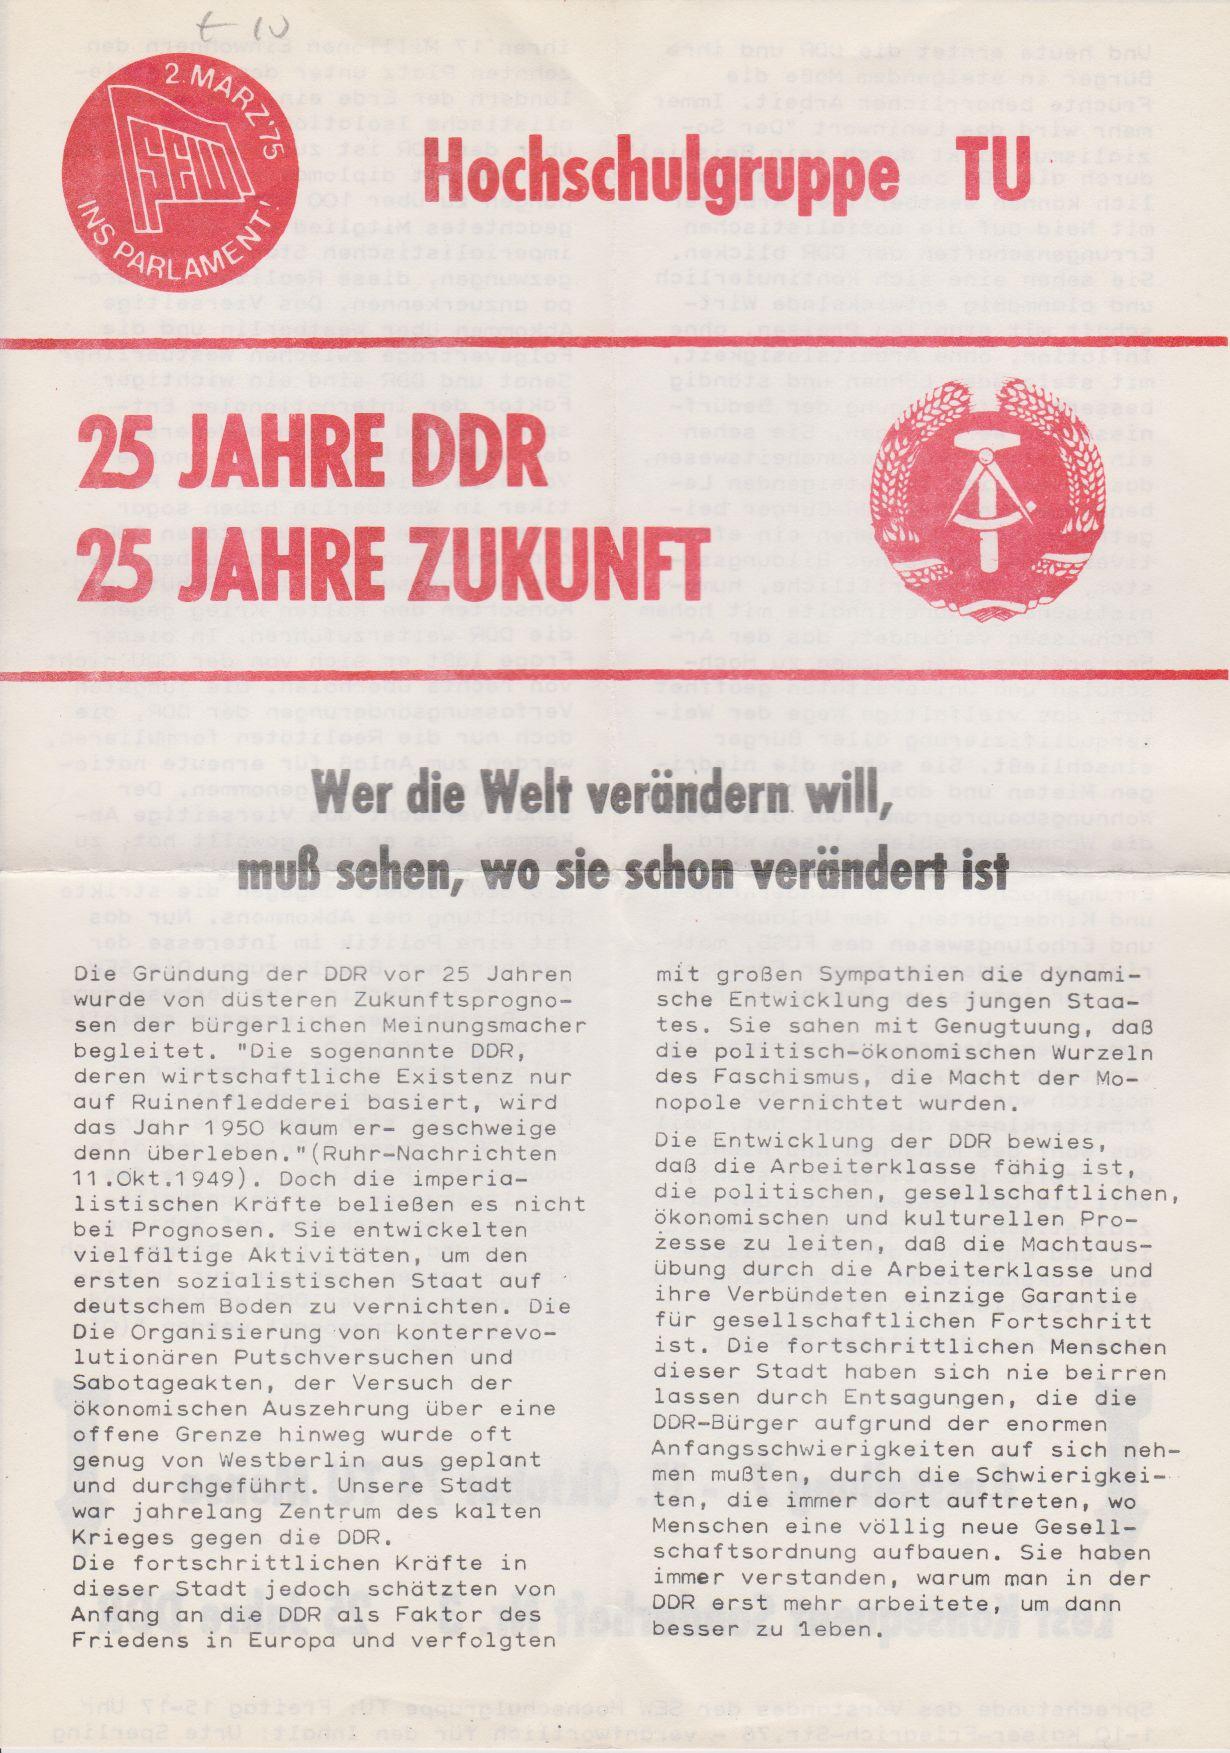 25 Jahre DDR 25 Jahre Zukunft. [Flugblatt]. Wer die Welt verändern will, muß sehen, wo sie schon verändert ist. Hochschulgruppe TU der SEW.